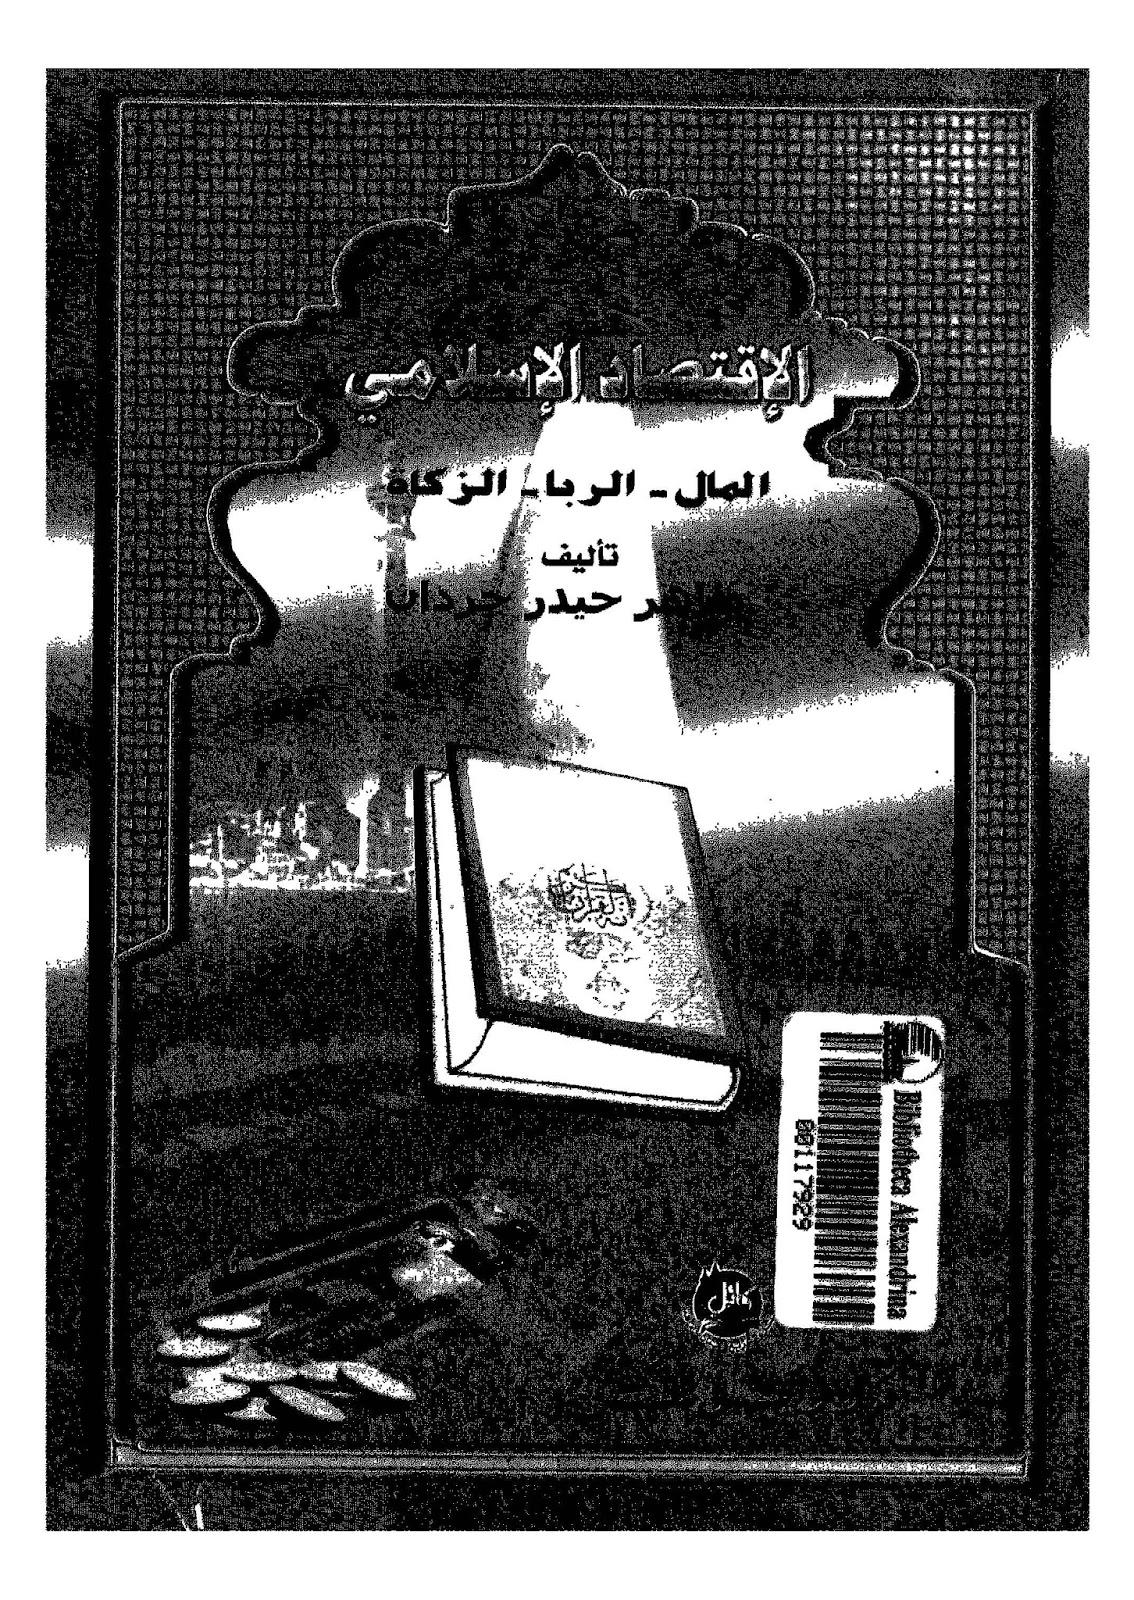 الإقتصاد الإسلامي: المال ، الربا ، الزكاة - طاهر حيدر جردان